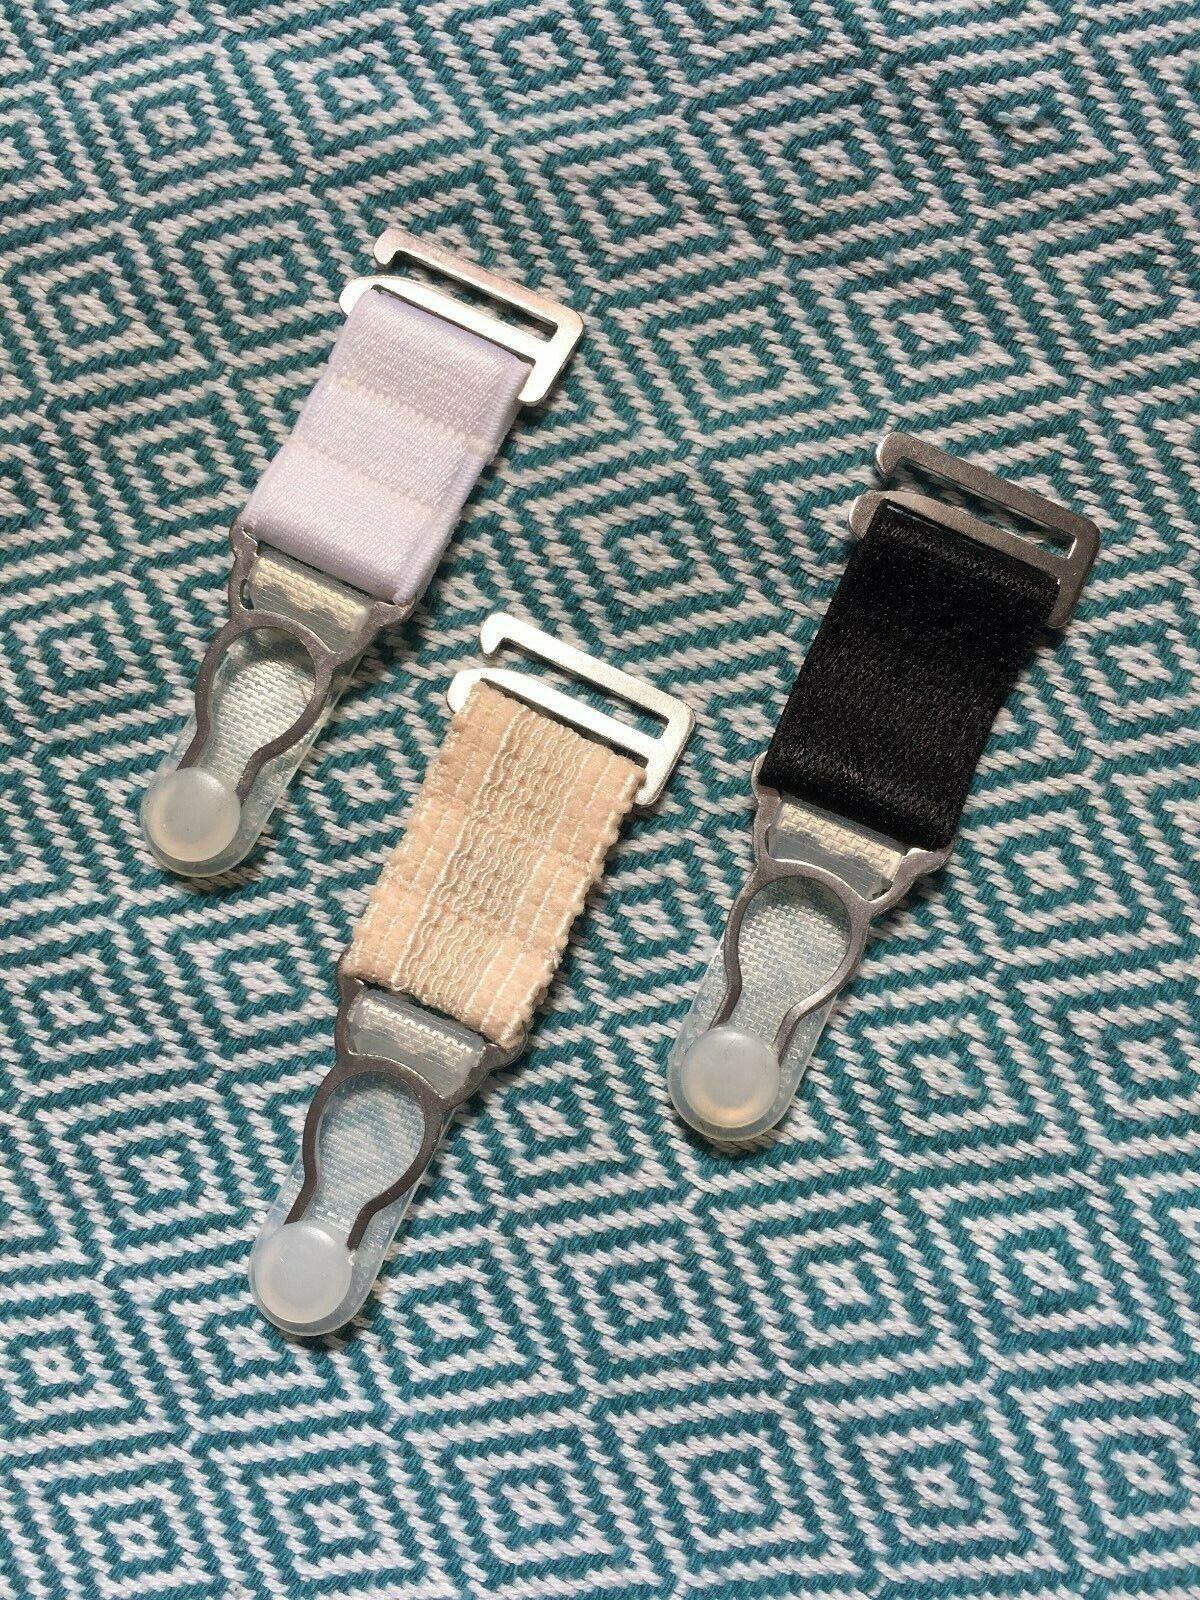 20mm Kurz Ersatz Strumpfhalter Clips Band Strumpfbänder Strümpfe Hüfthalter Wide